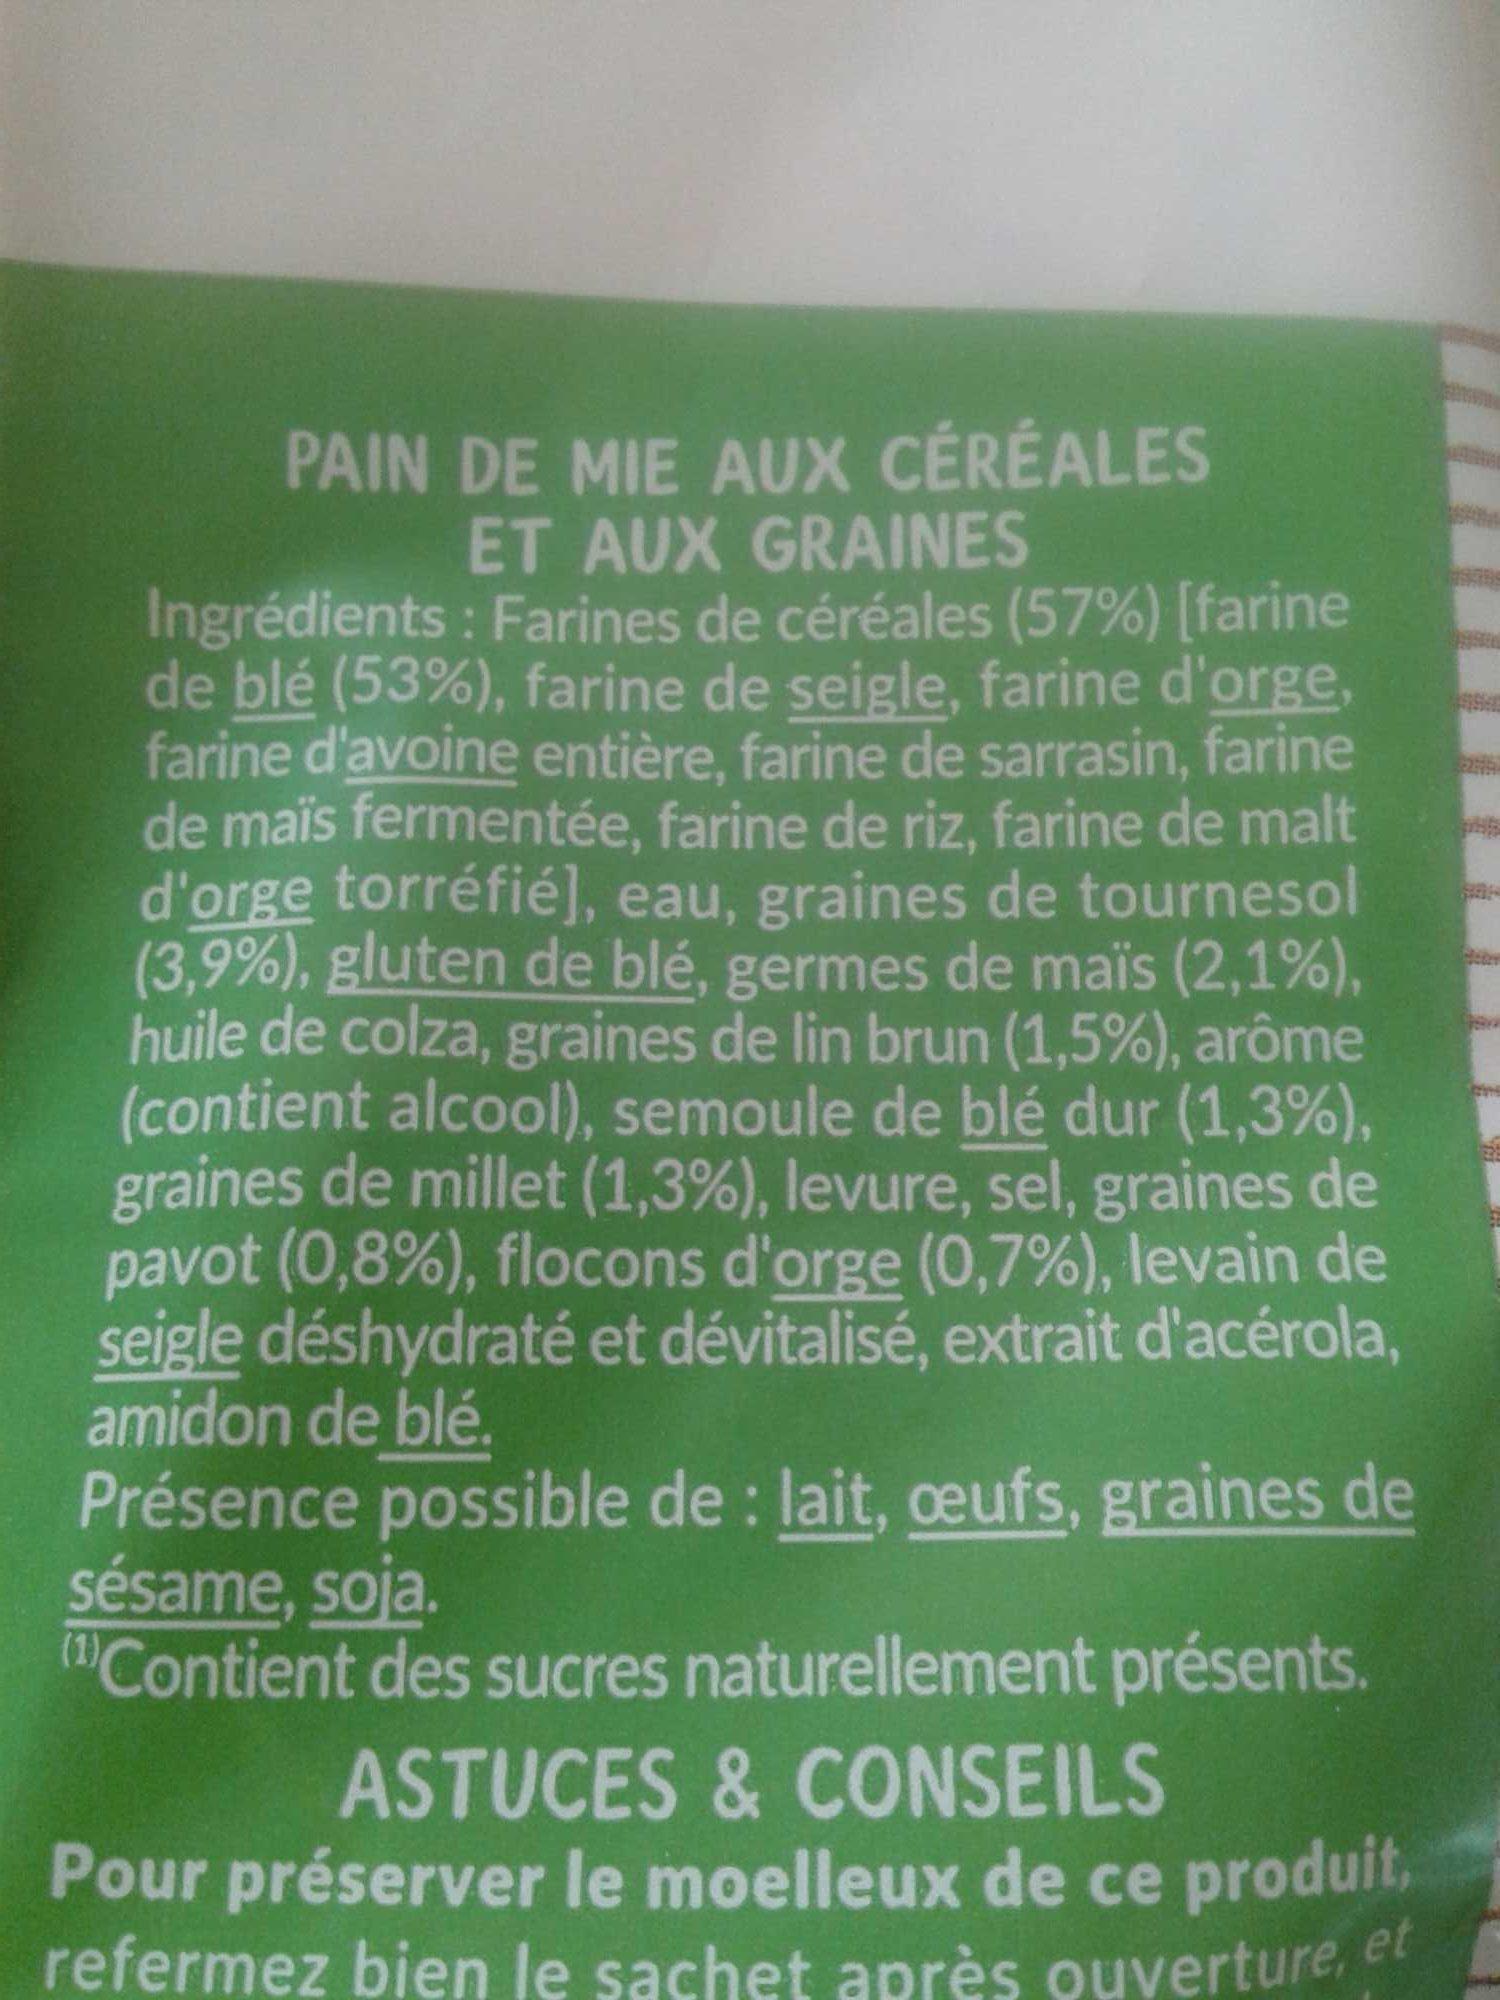 Grandes tranches 11 céréales & graines - Ingrédients - fr